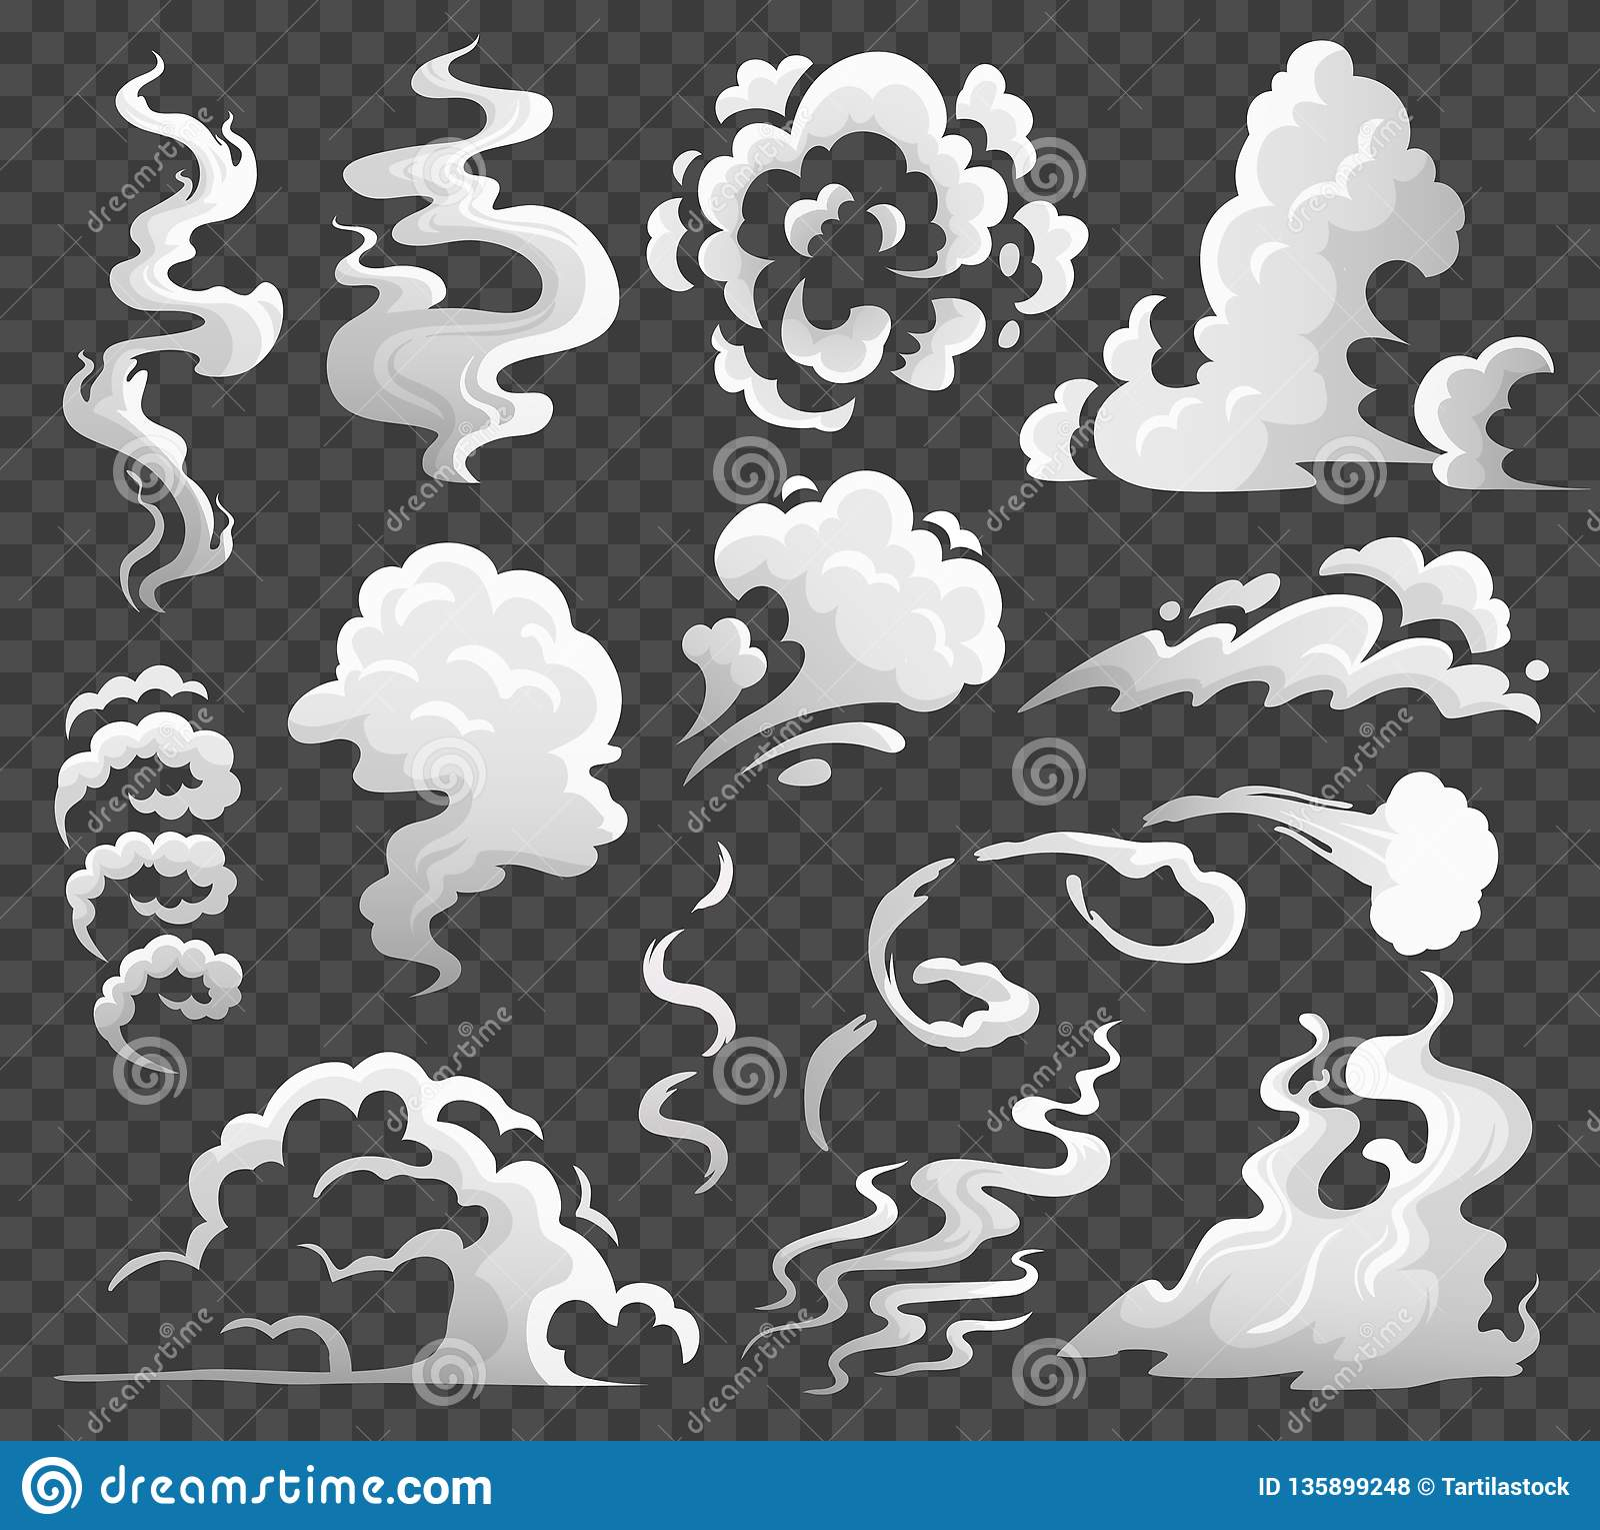 Σύννεφα καπνού Κωμικό σύννεφο ατμού, στρόβιλος καπνών και ροή ατμού Η σκόνη καλύπτει την απομονωμένη διανυσματική απεικόνιση κινο